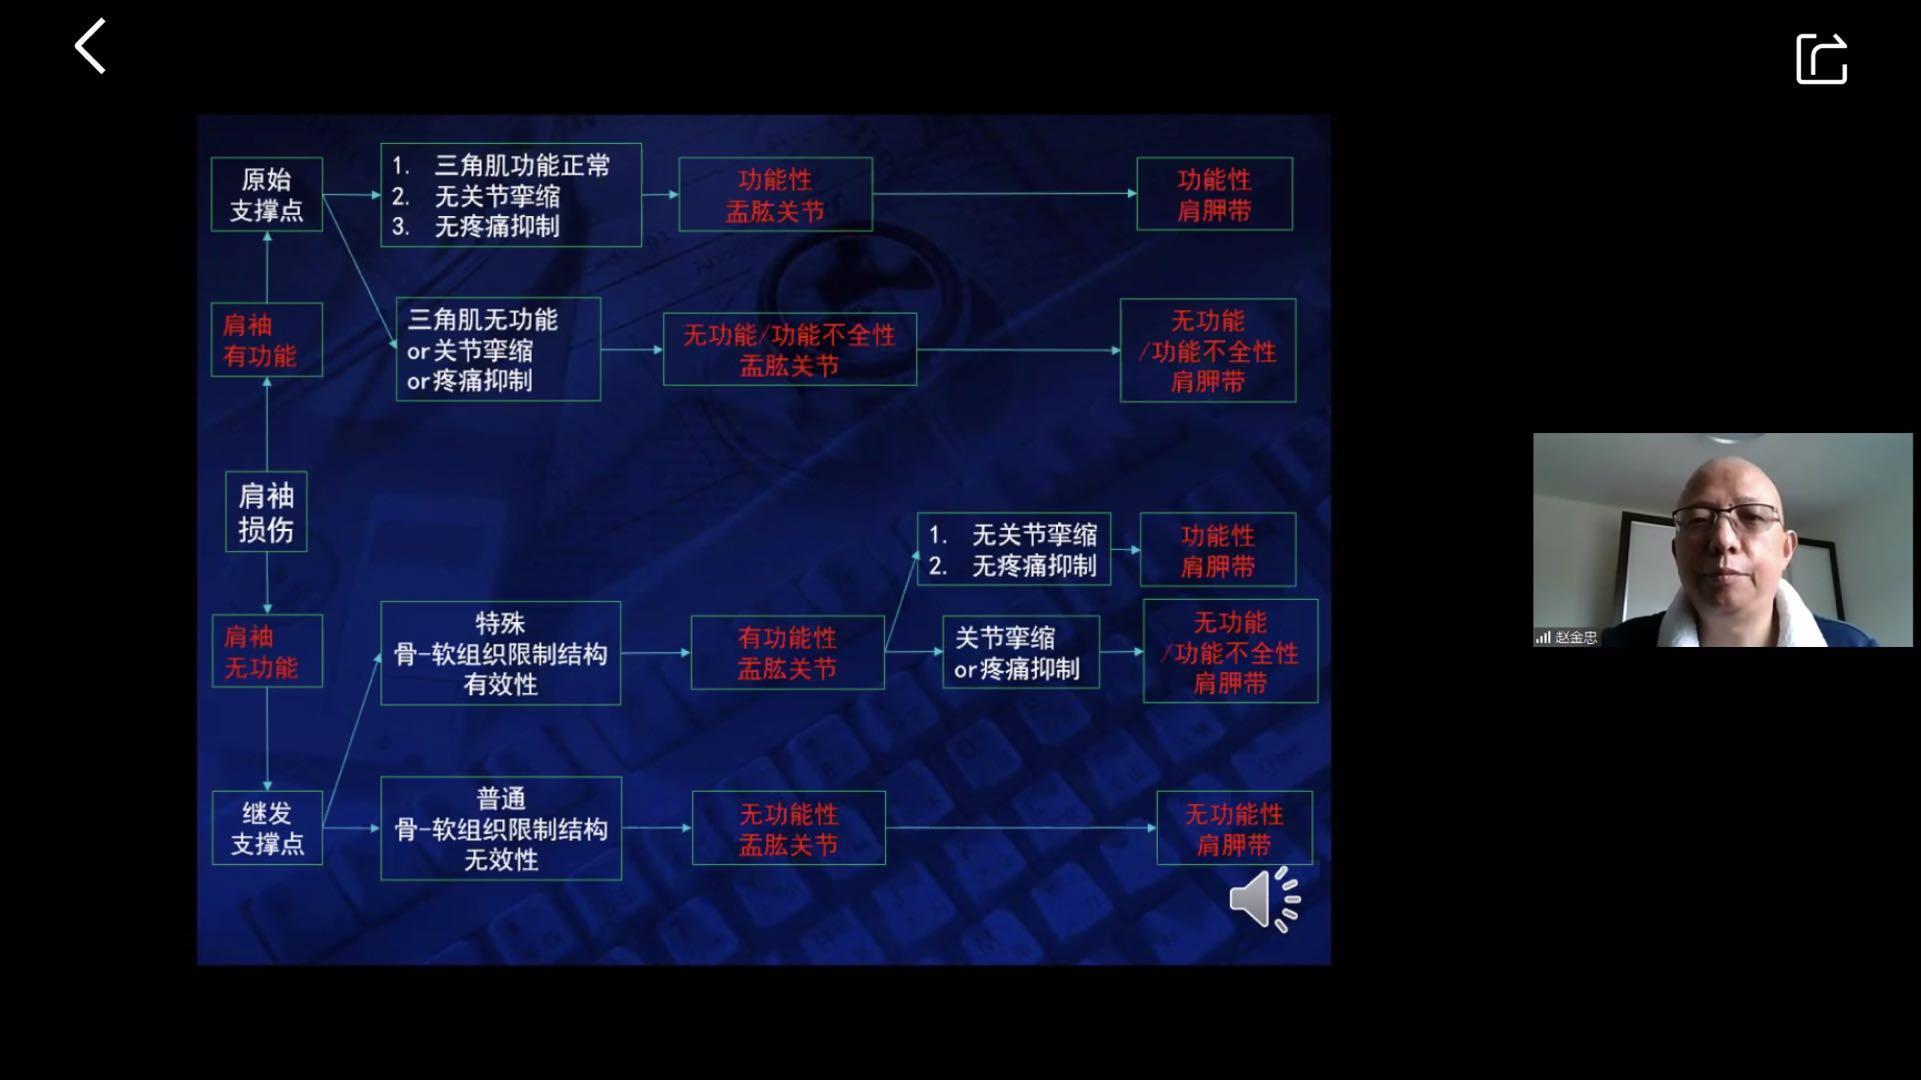 8 赵金忠老师将上肩袖损伤分成5种类型.jpg